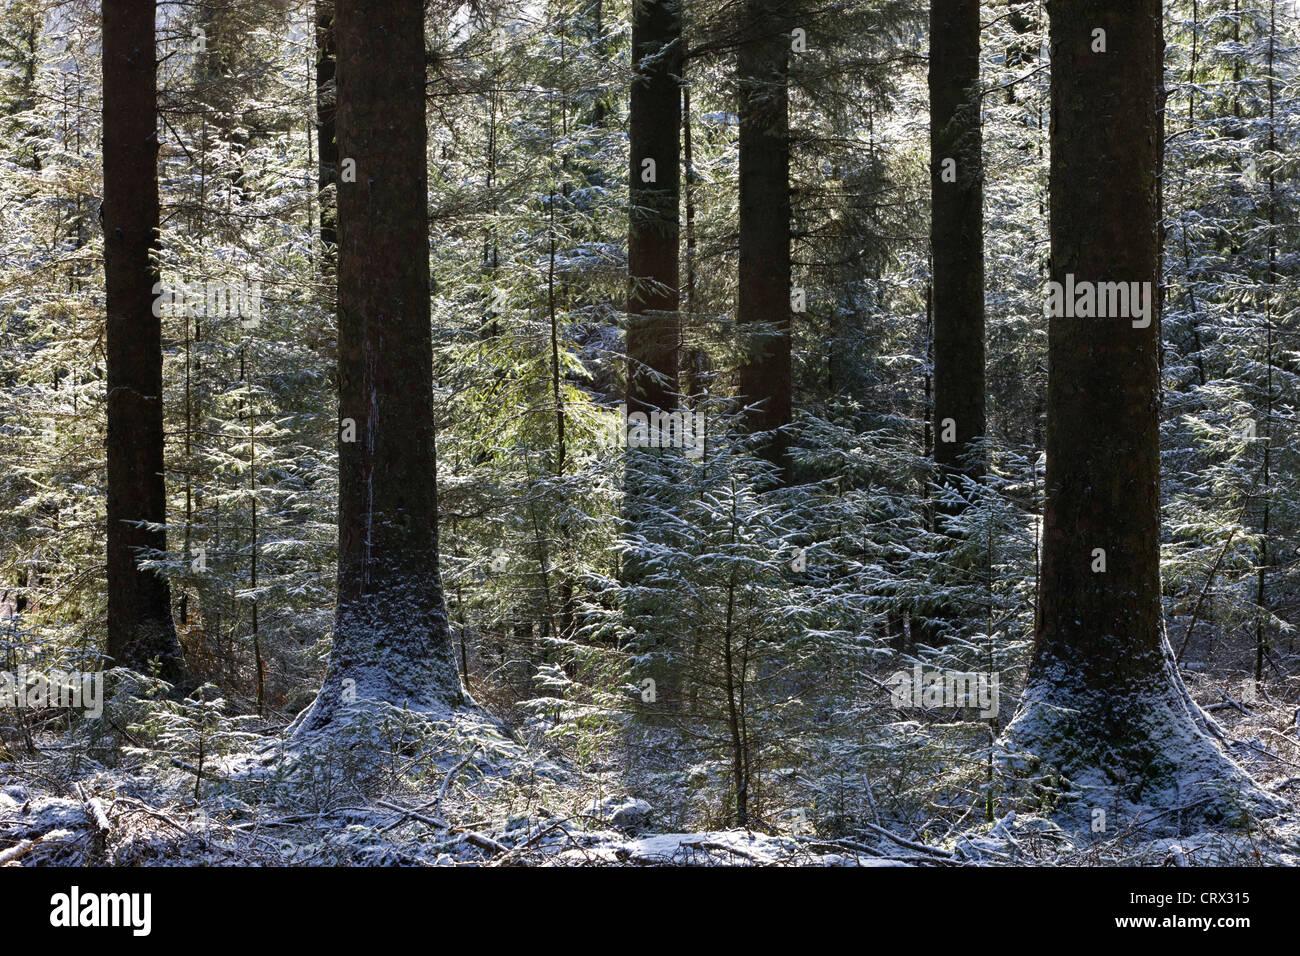 Spolverata di neve in una pineta di pino silvestre, Fernworthy, Dartmoor Devon, Inghilterra. Inverno (febbraio 2010). Immagini Stock